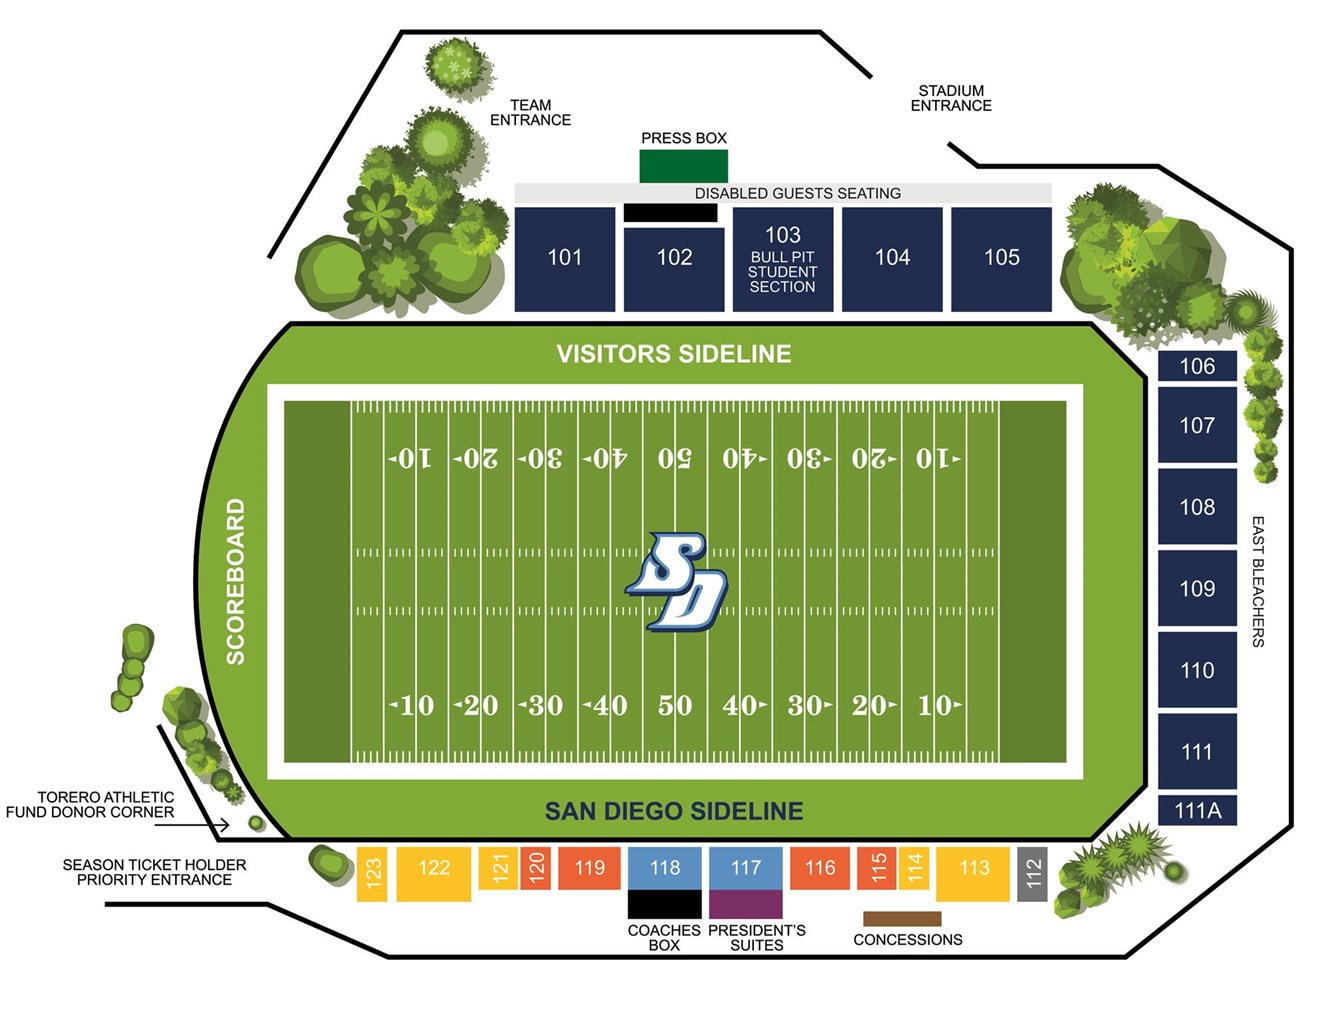 Torero Stadium Seating Plan